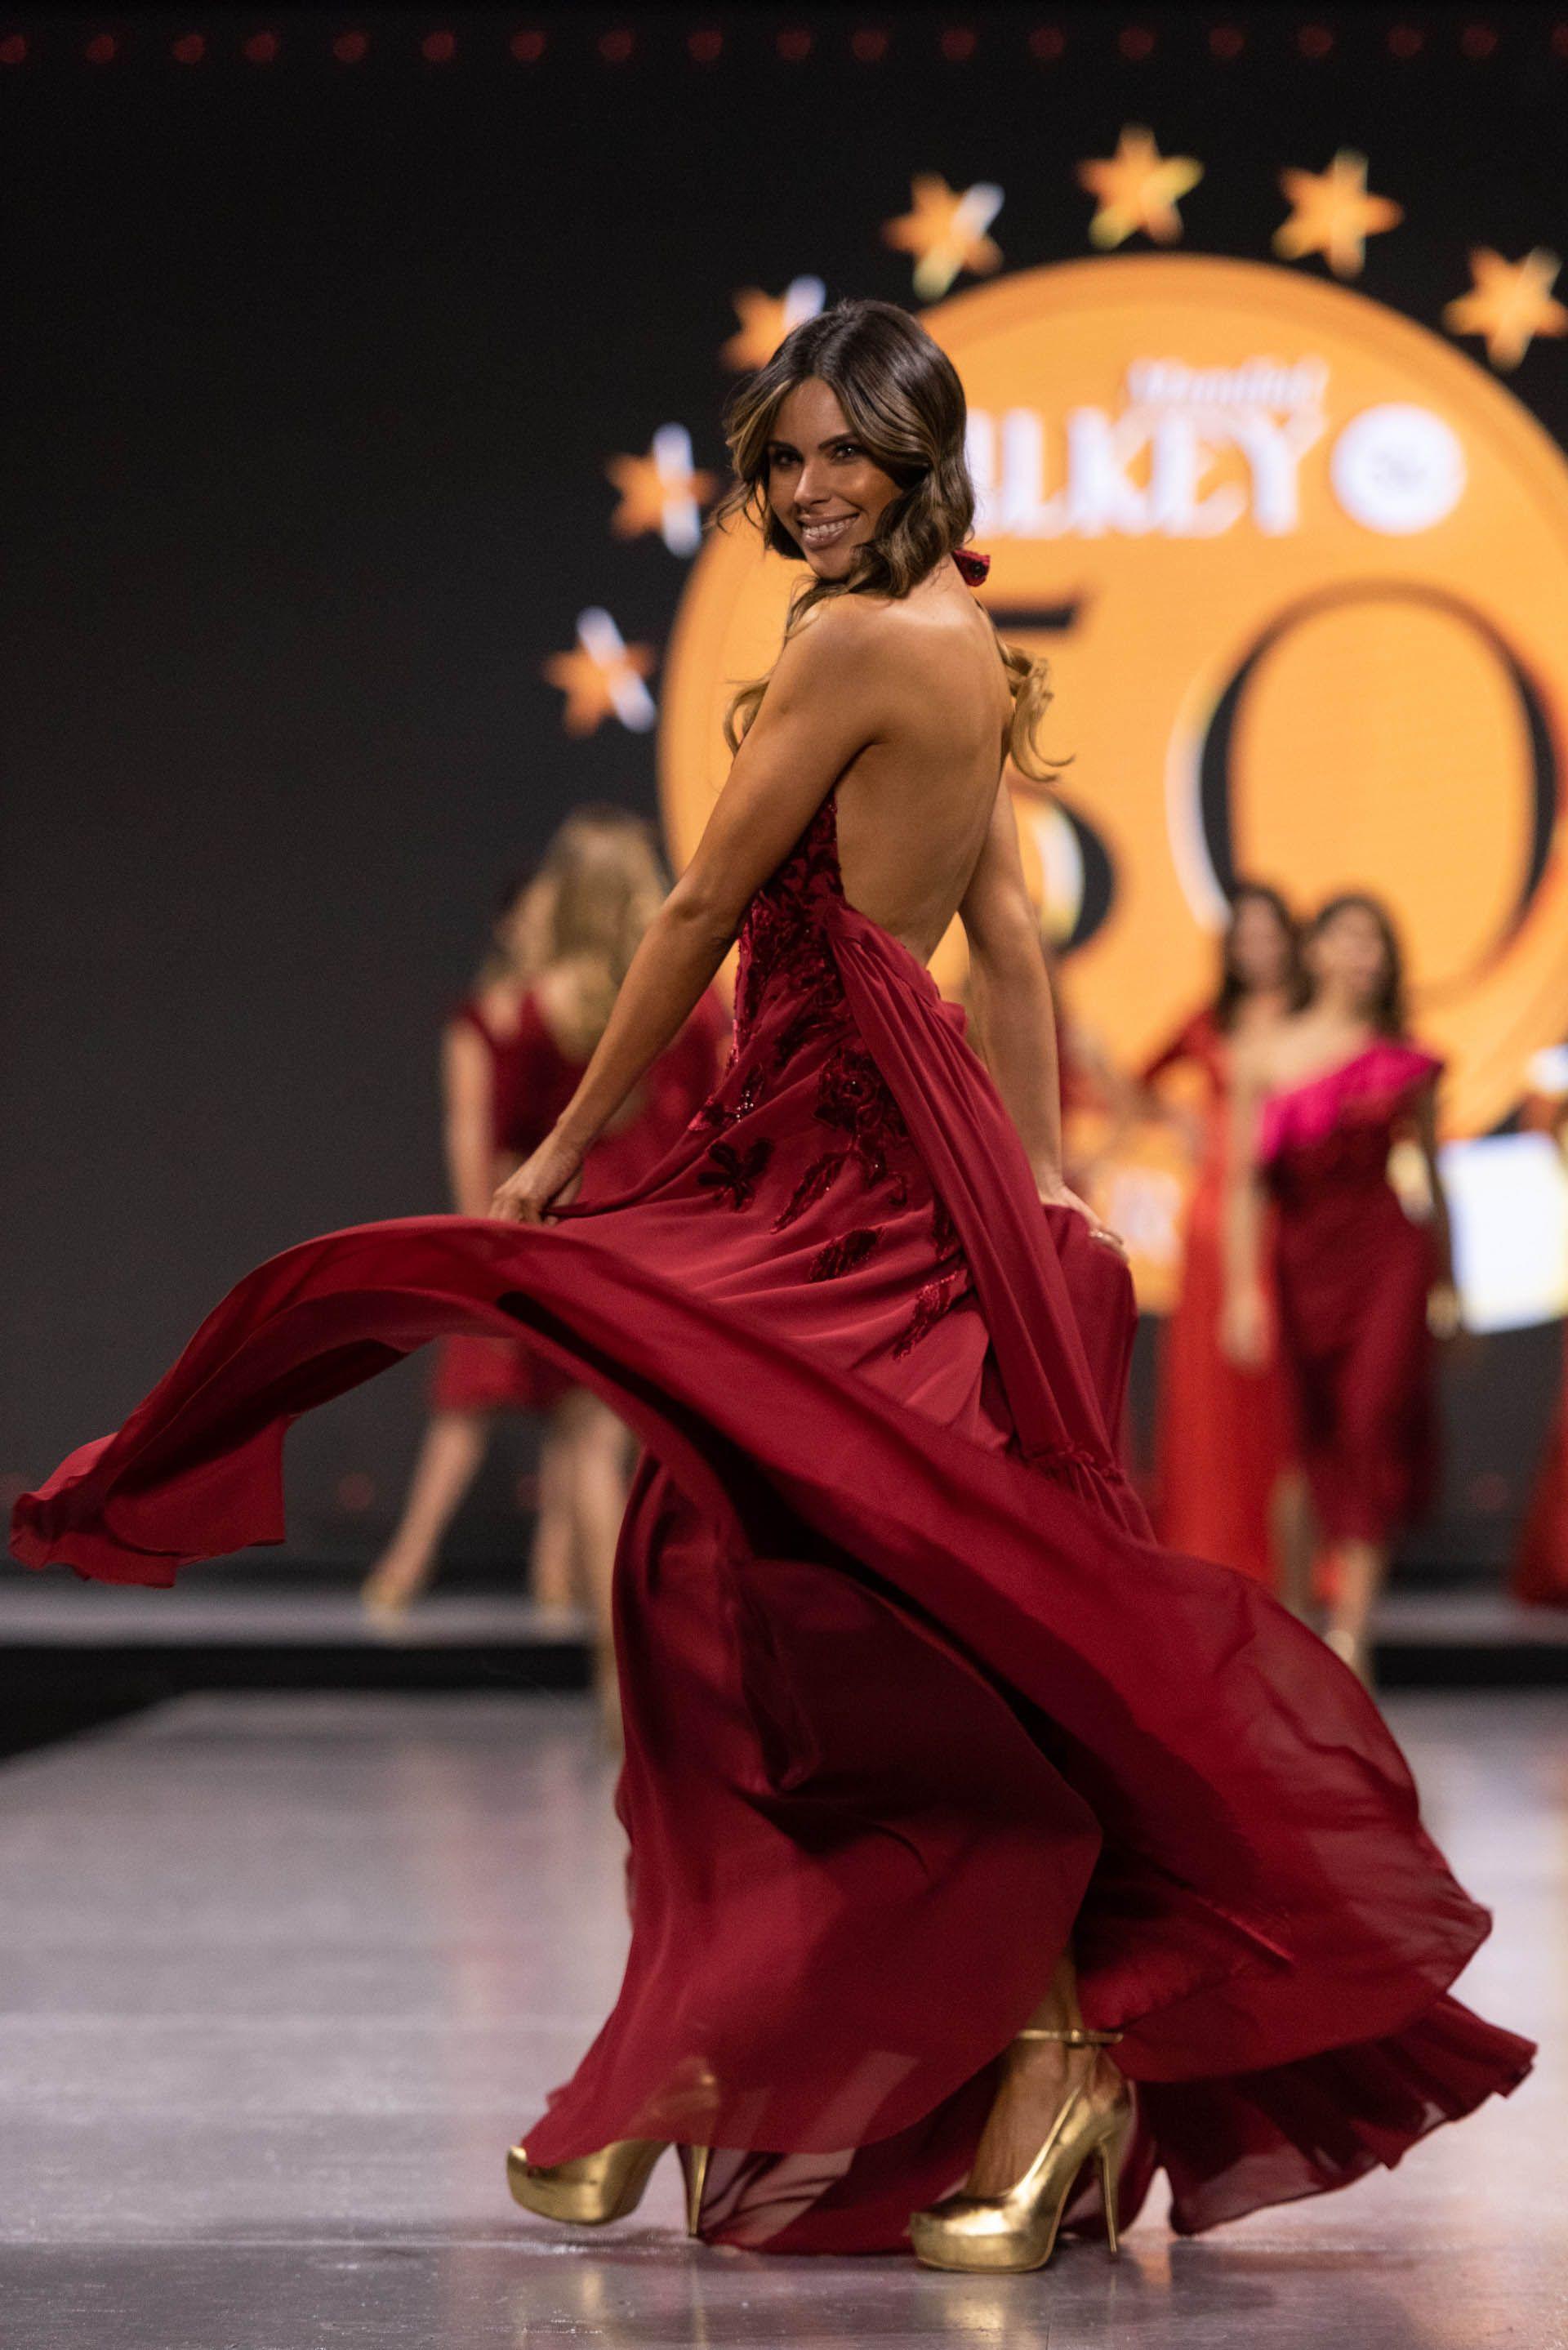 Vestidos con escotes en V, imponentes tajos y bordados para mujeres poderosas. Barby Francoen la pasada de Brezza by Natalí Márquez